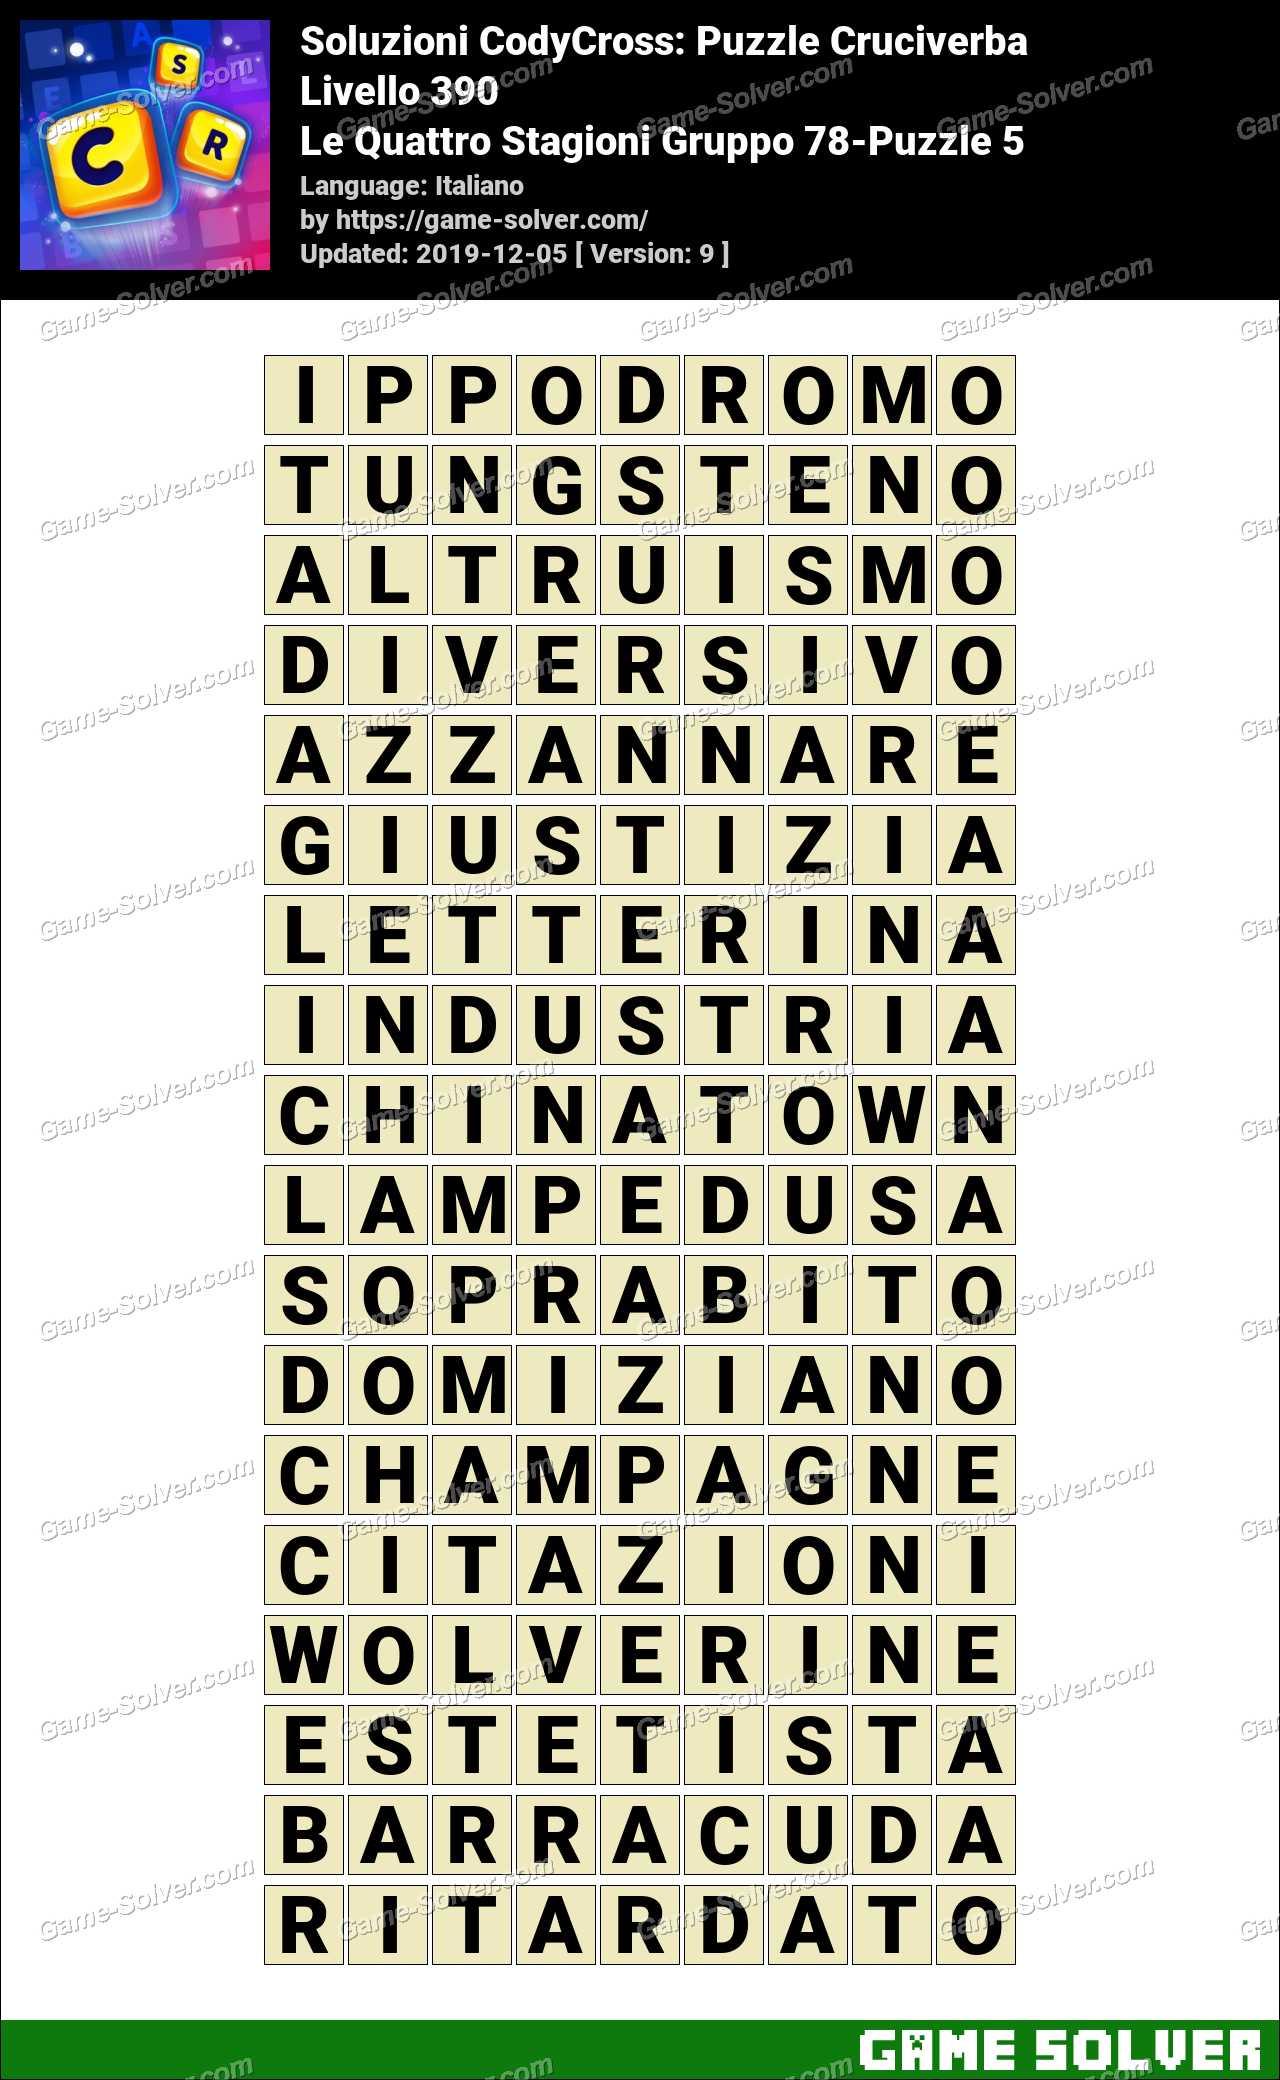 Soluzioni CodyCross Le Quattro Stagioni Gruppo 78-Puzzle 5